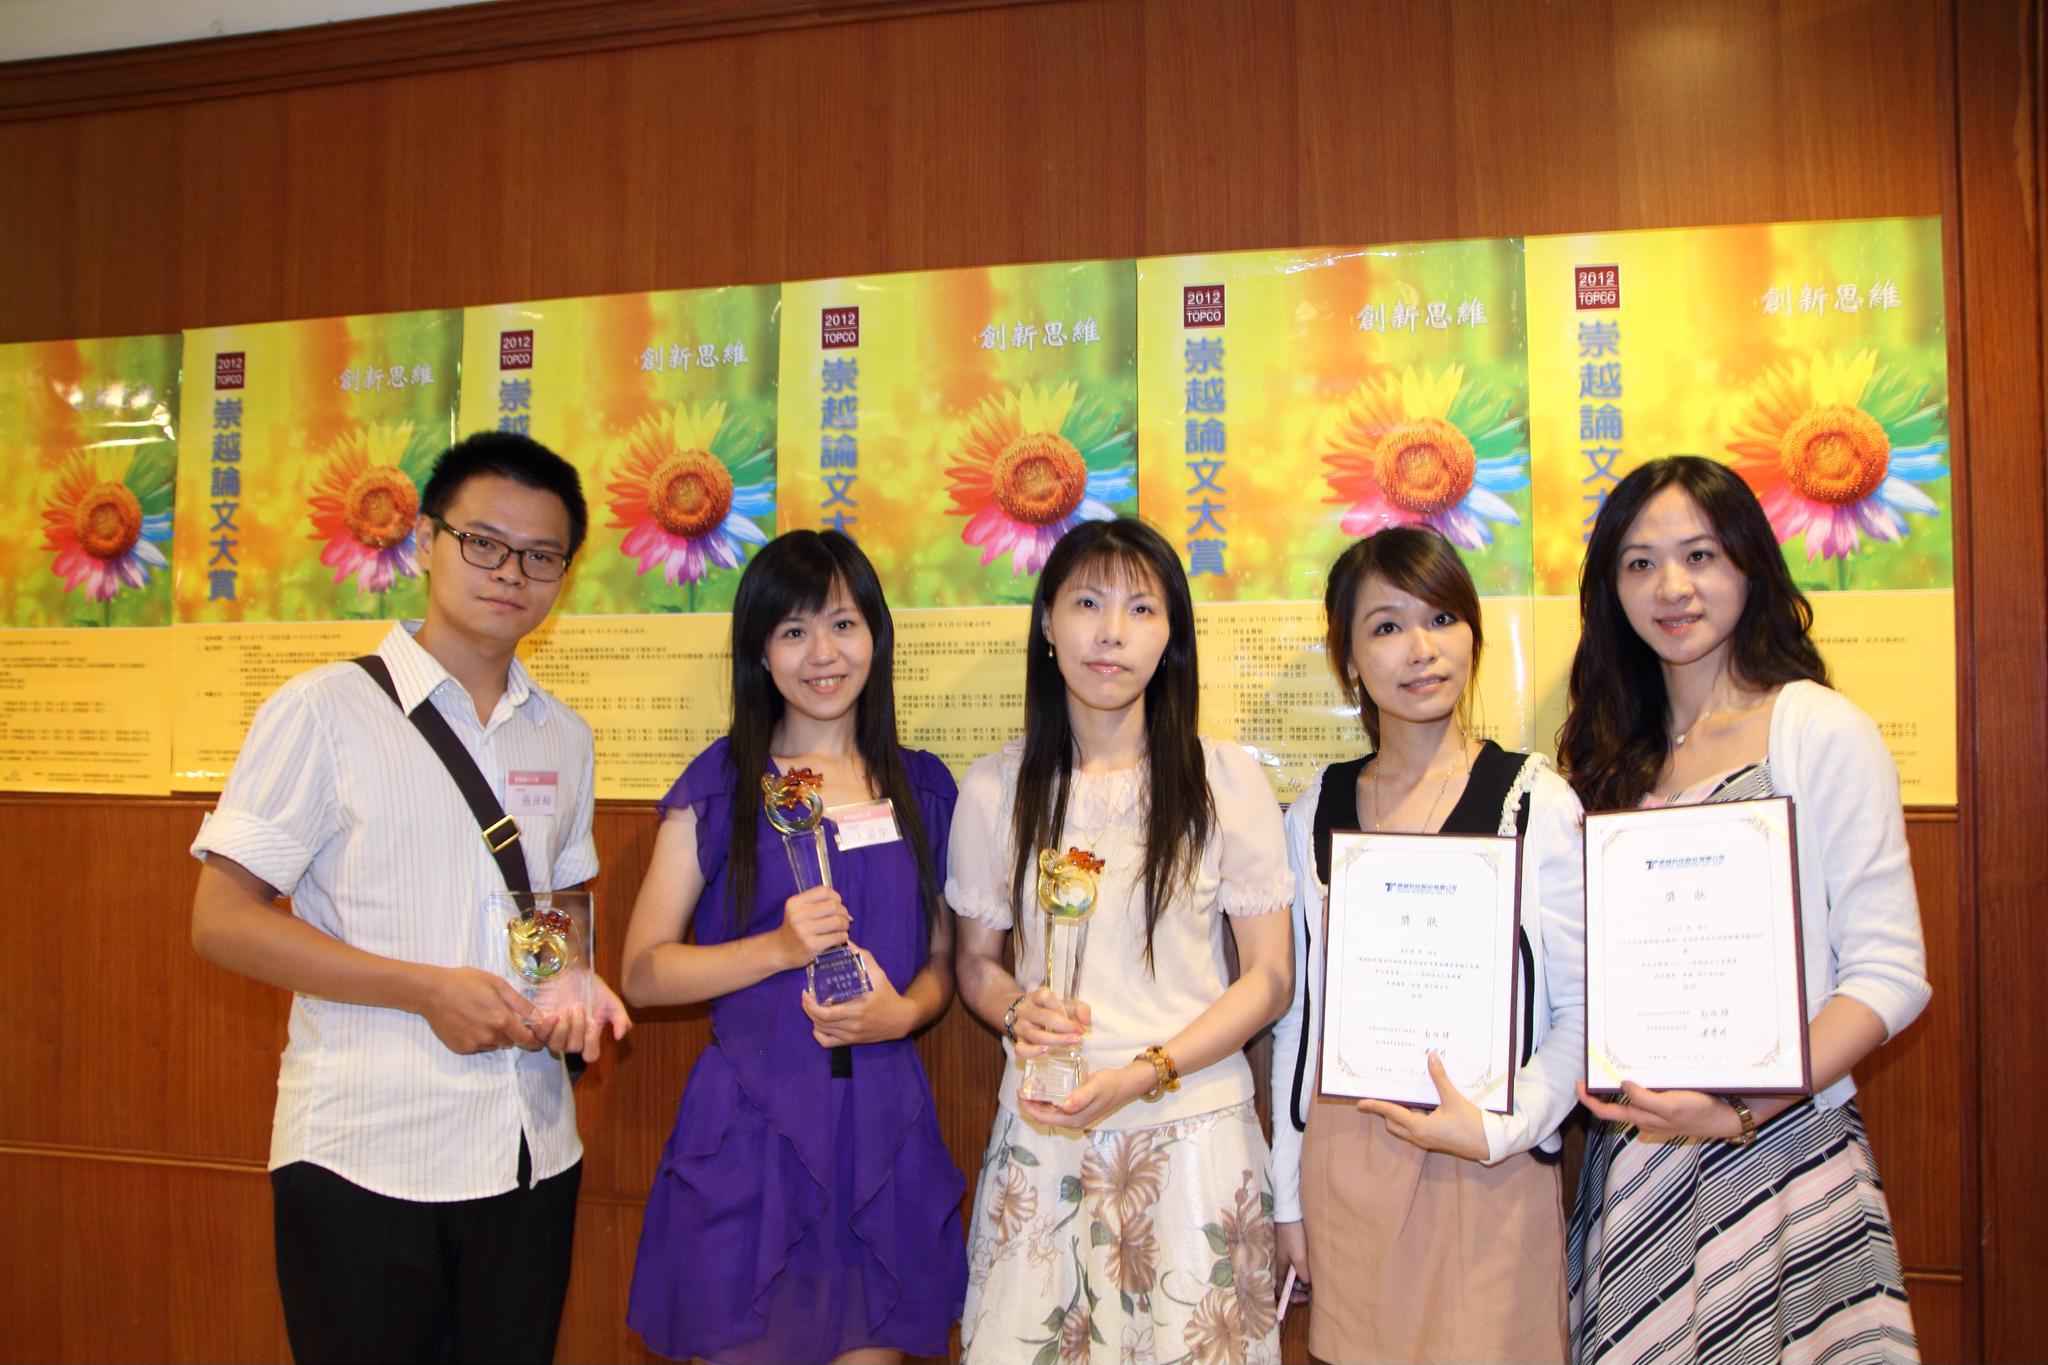 中原商學院師生參加崇越論文大賞 榮獲多項大獎!